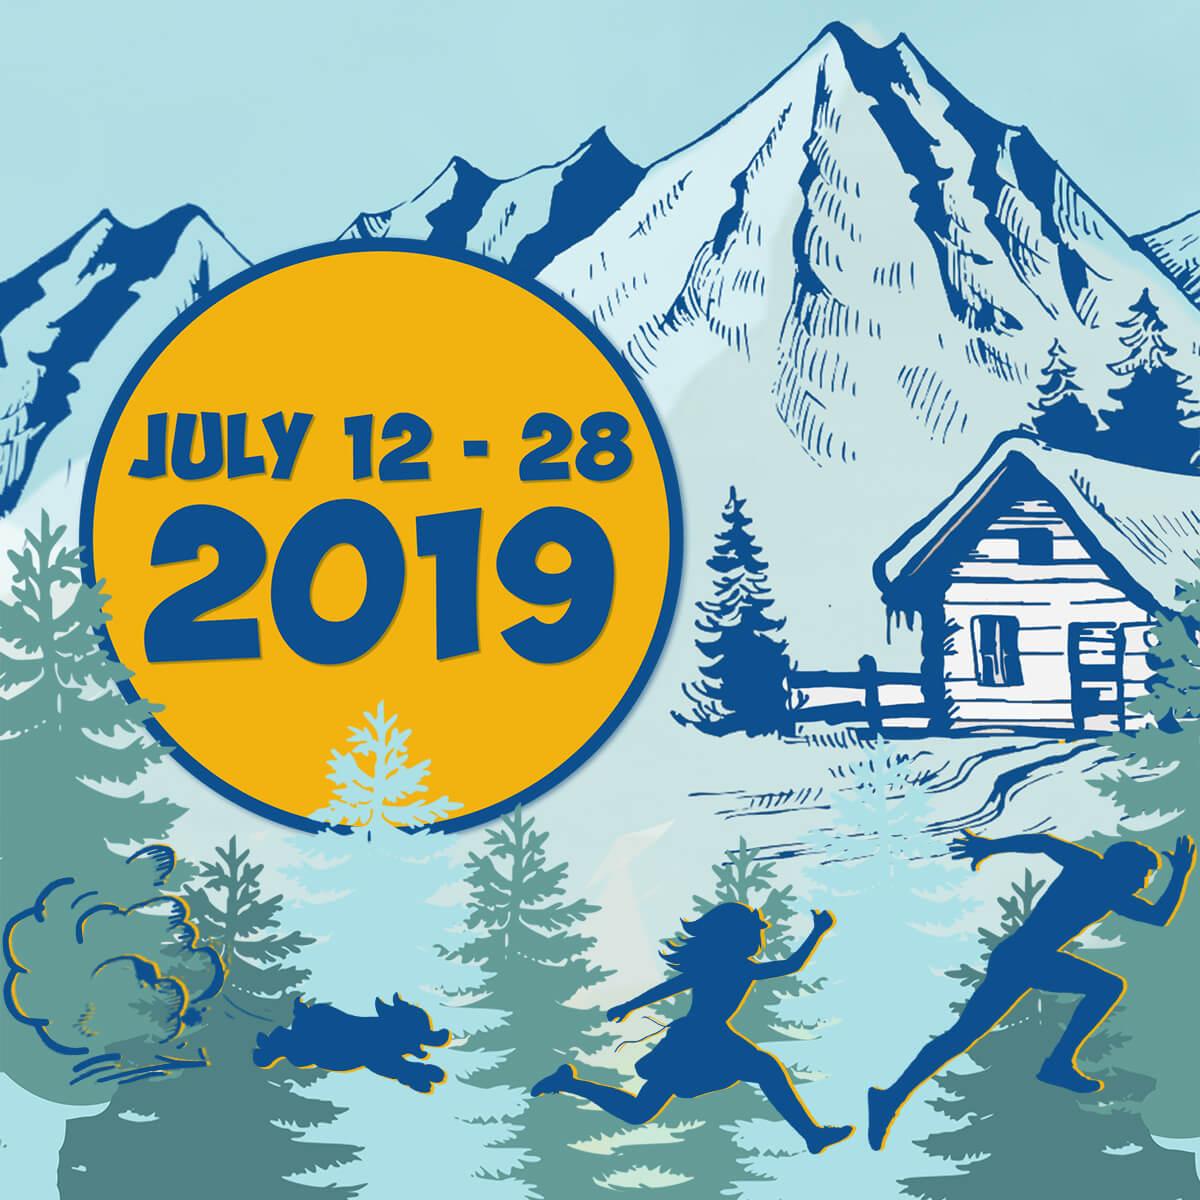 July 12 - 28